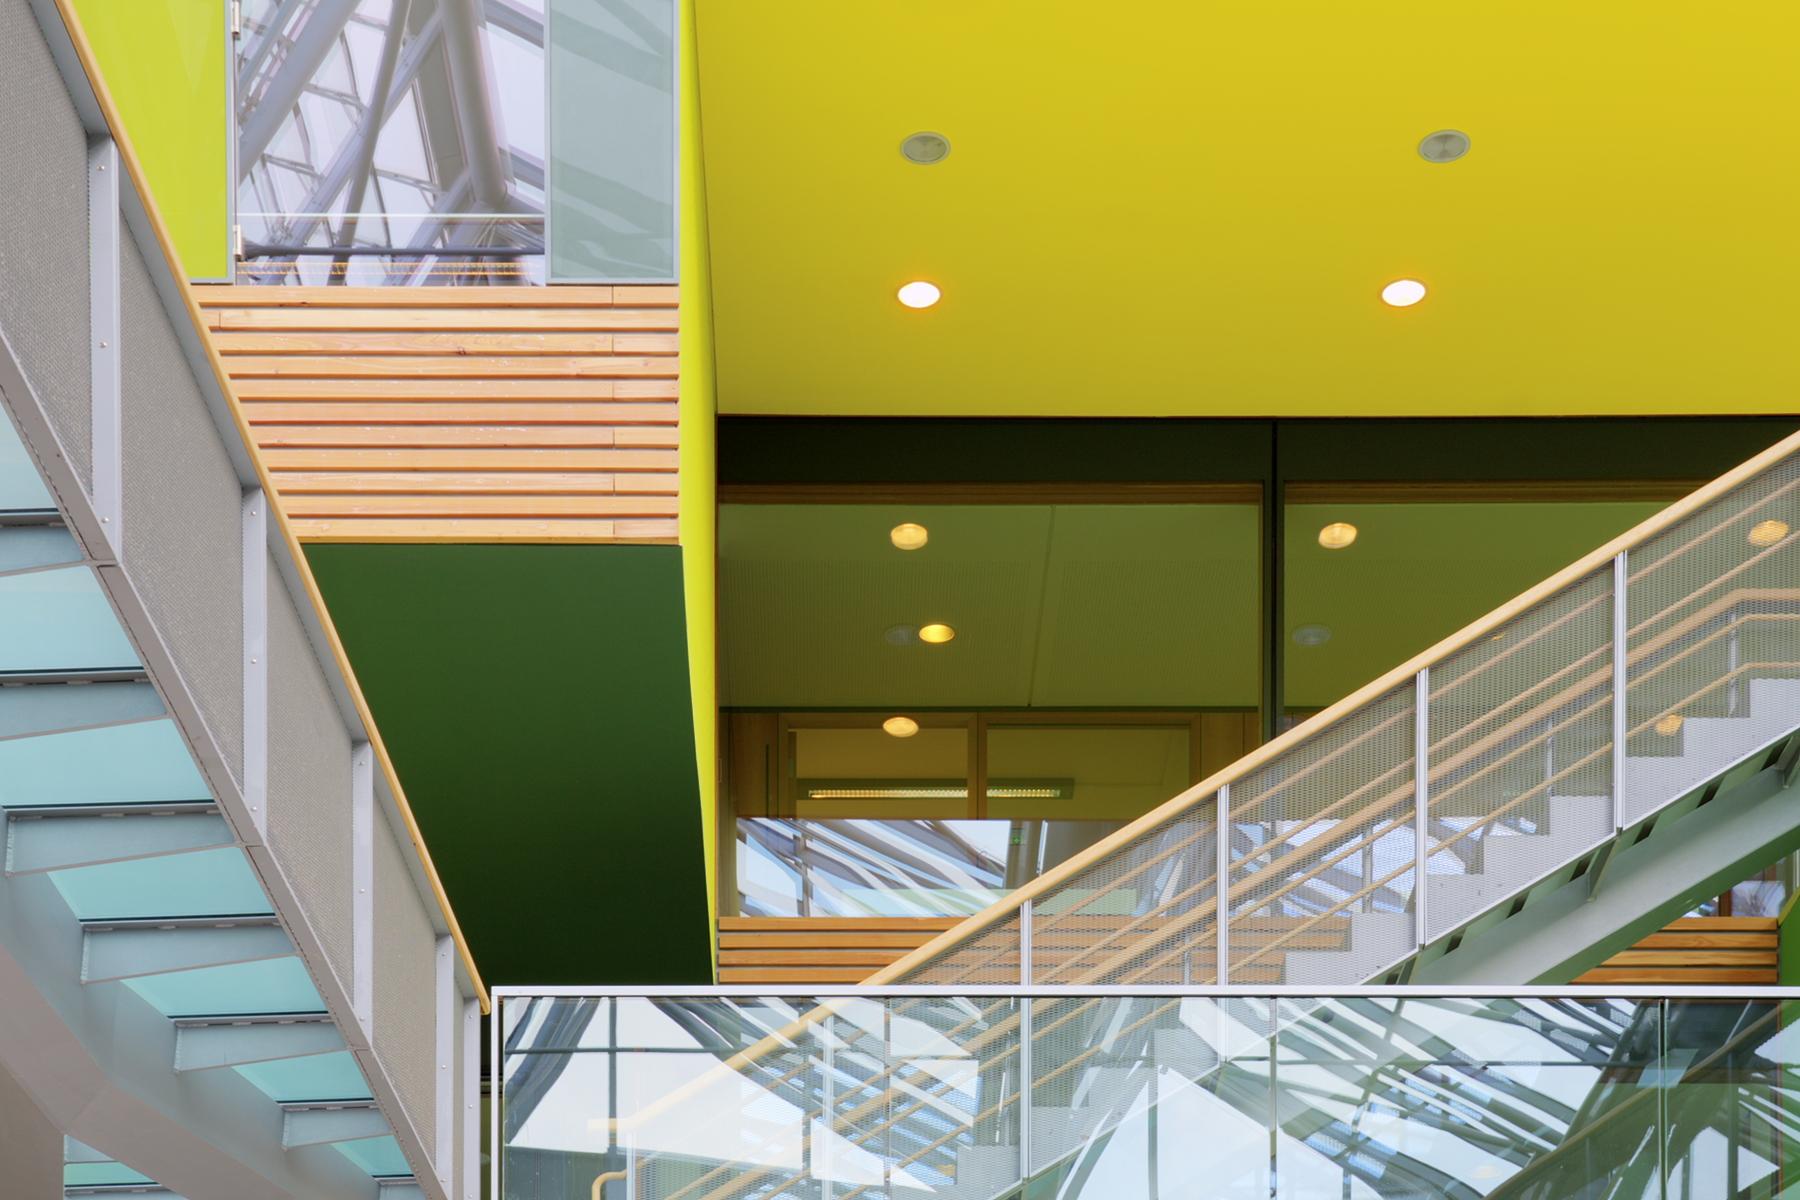 Brücken und Treppen mit gläsernen Geländern im Innenhof, Innefassade aus Holz, gelben und grünen Flächen